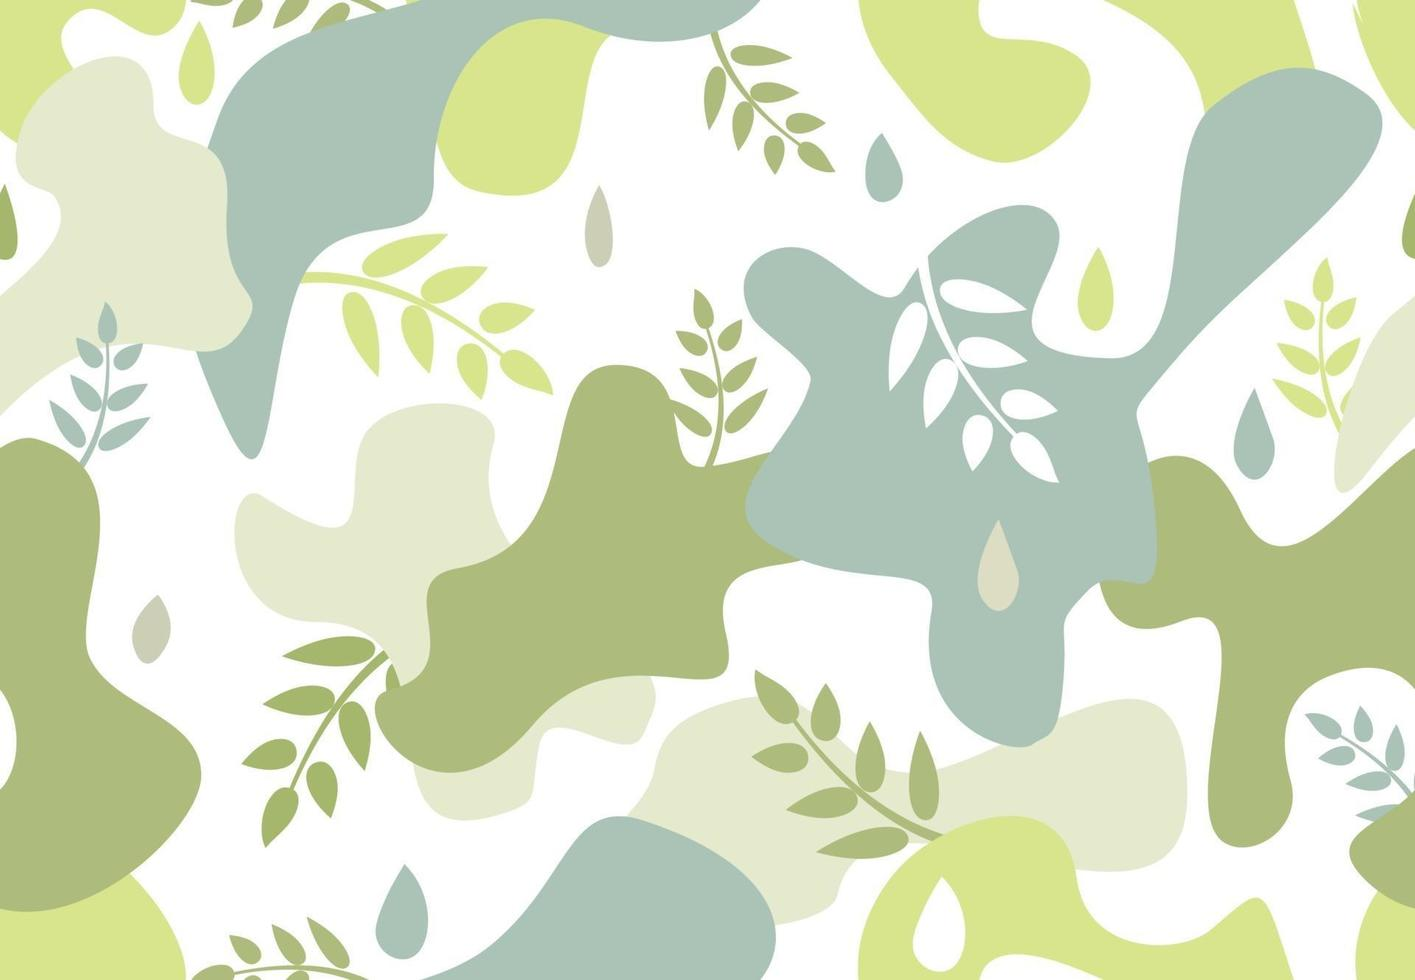 de patrones sin fisuras con manchas de forma orgánica en estilo memphis. vector